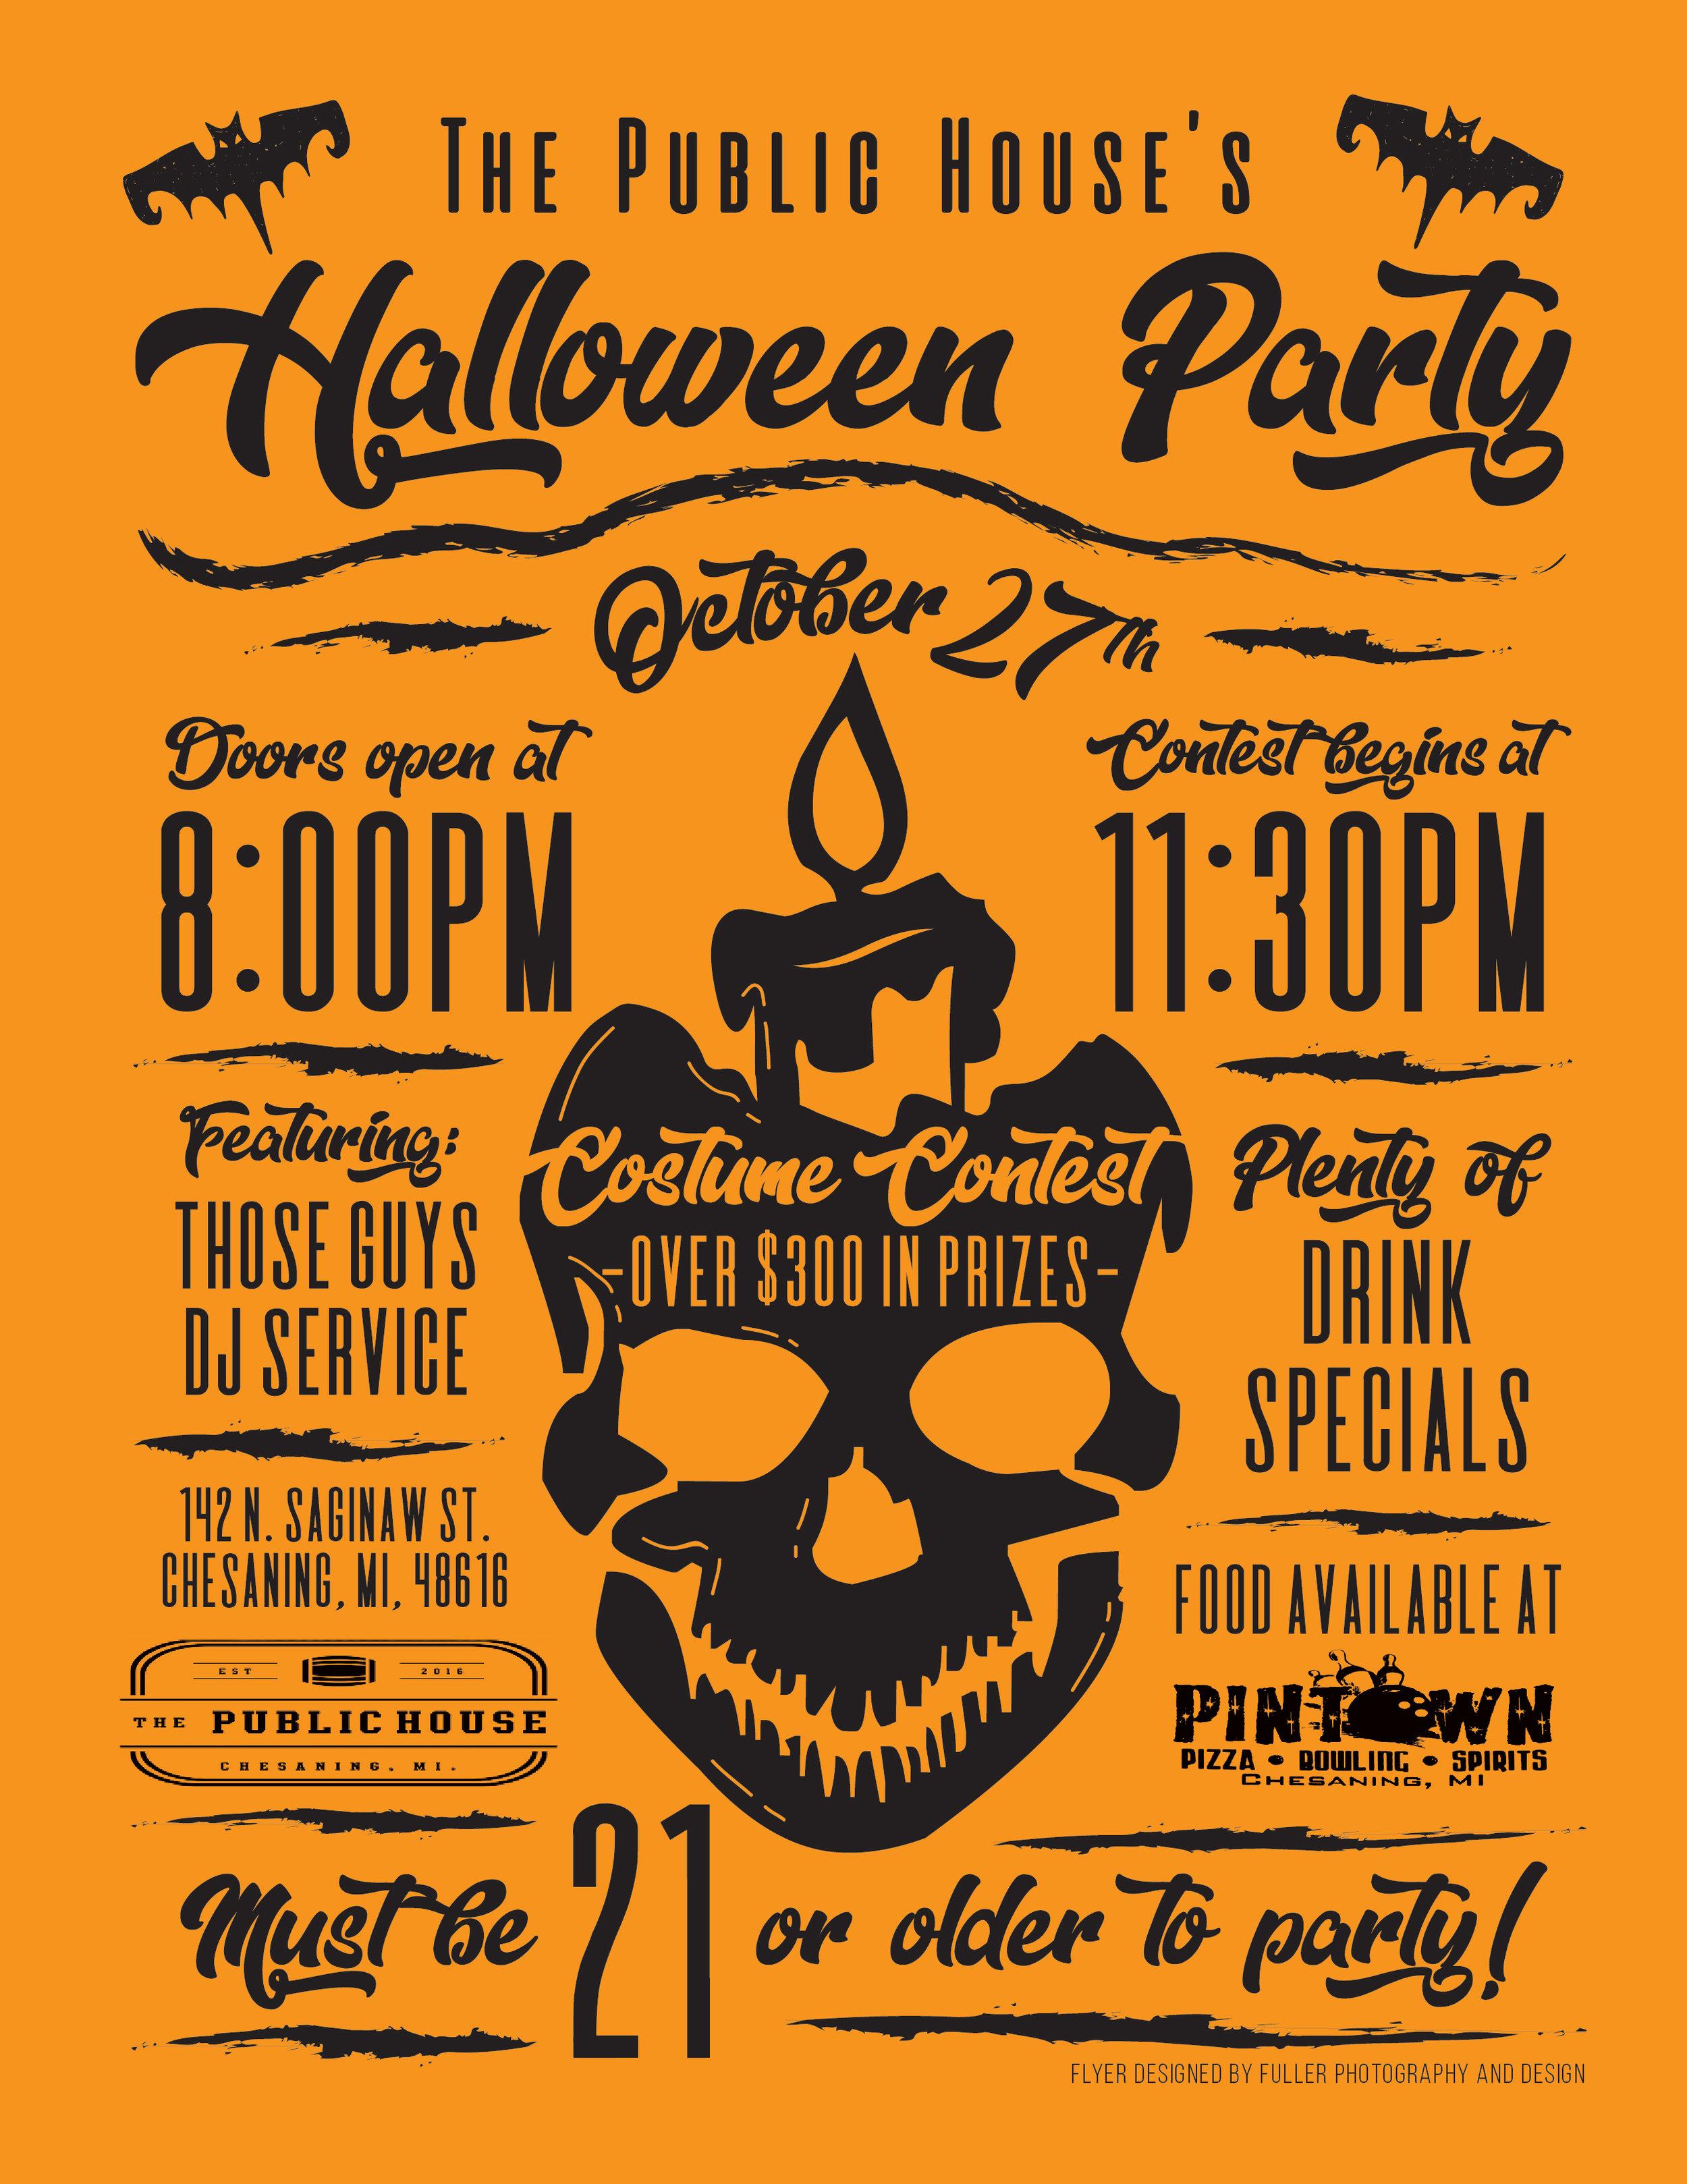 Halloween Party Flyer_2019.jpg